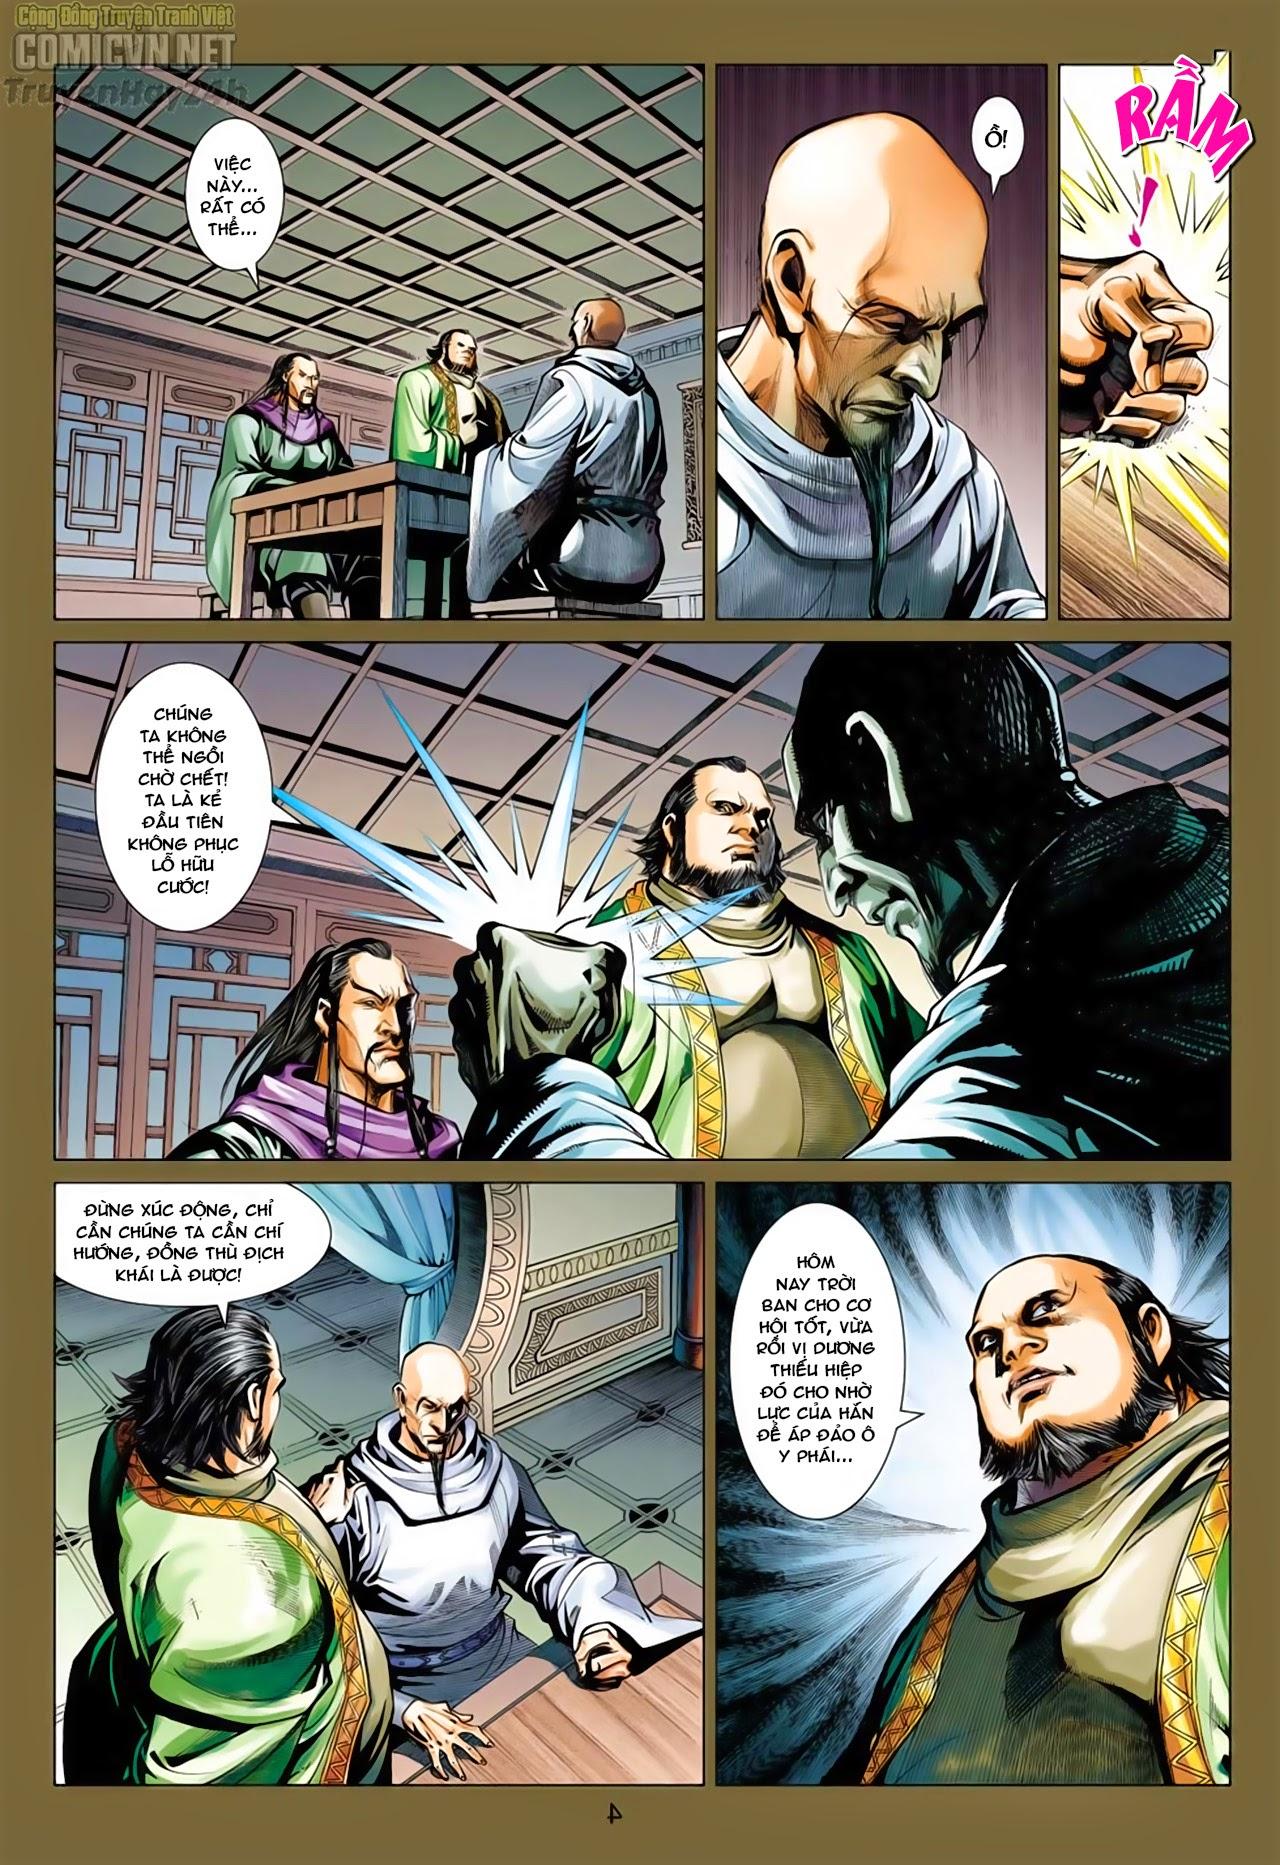 Anh Hùng Xạ Điêu anh hùng xạ đêu chap 66: nhạc châu đại hội trang 5